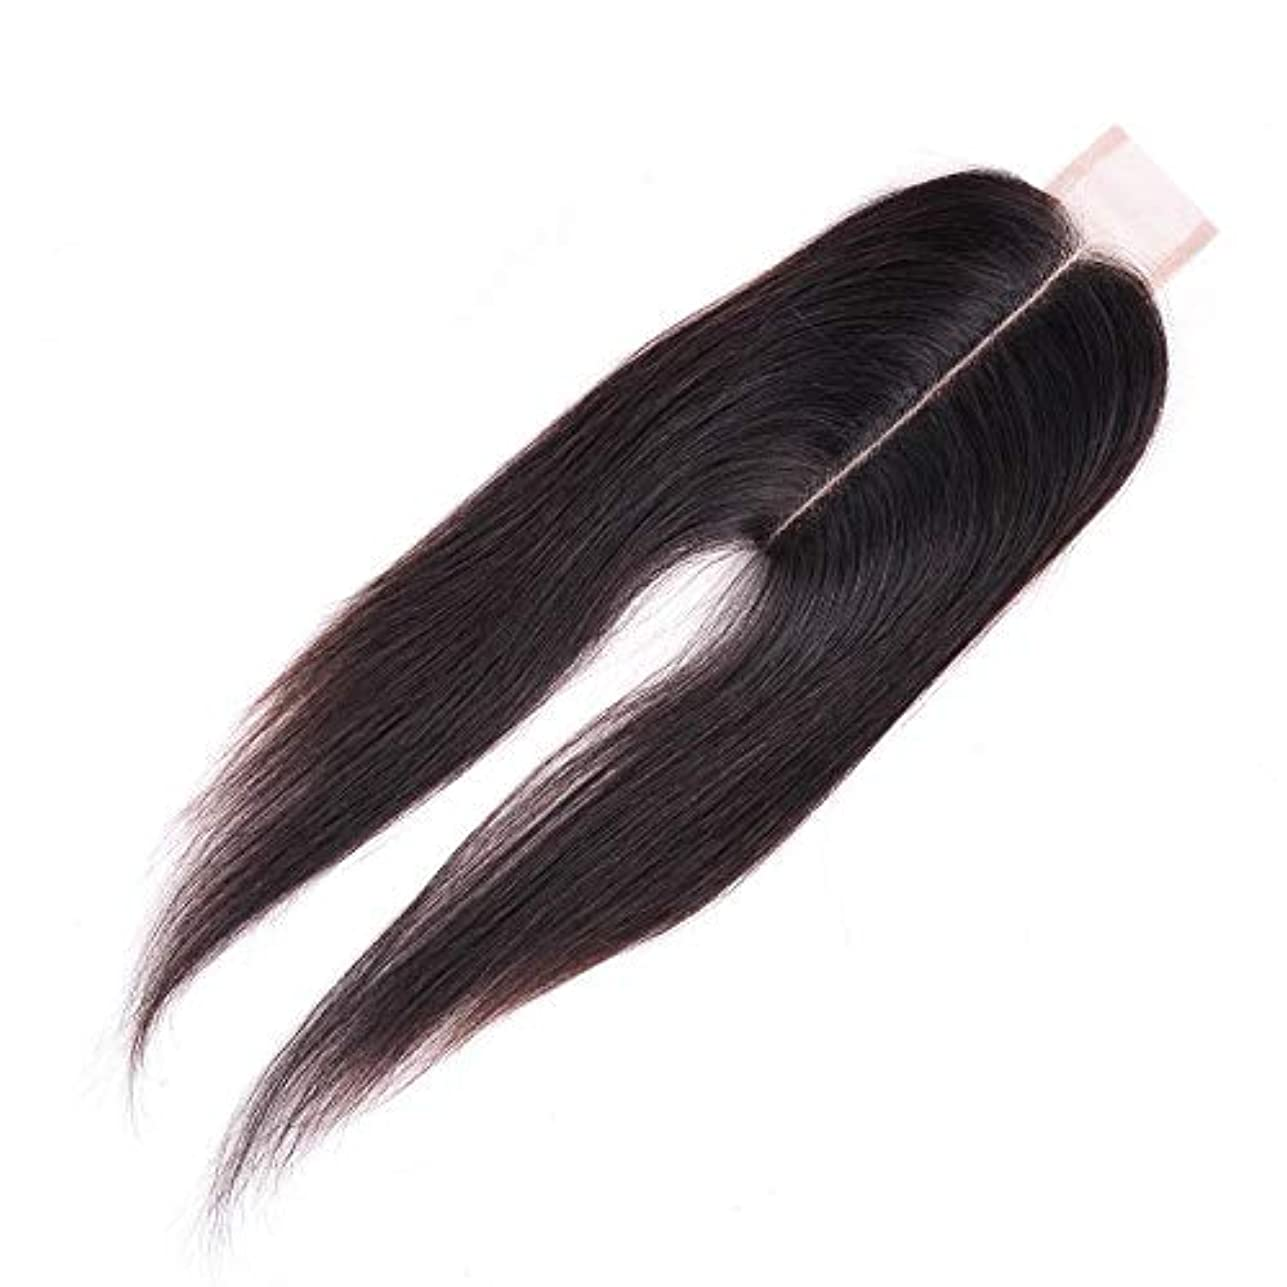 船酔い一部横向きWASAIO ブラジル人のバージンの人間の毛髪の中間の部分のまっすぐなレースの閉鎖 (色 : 黒, サイズ : 14 inch)